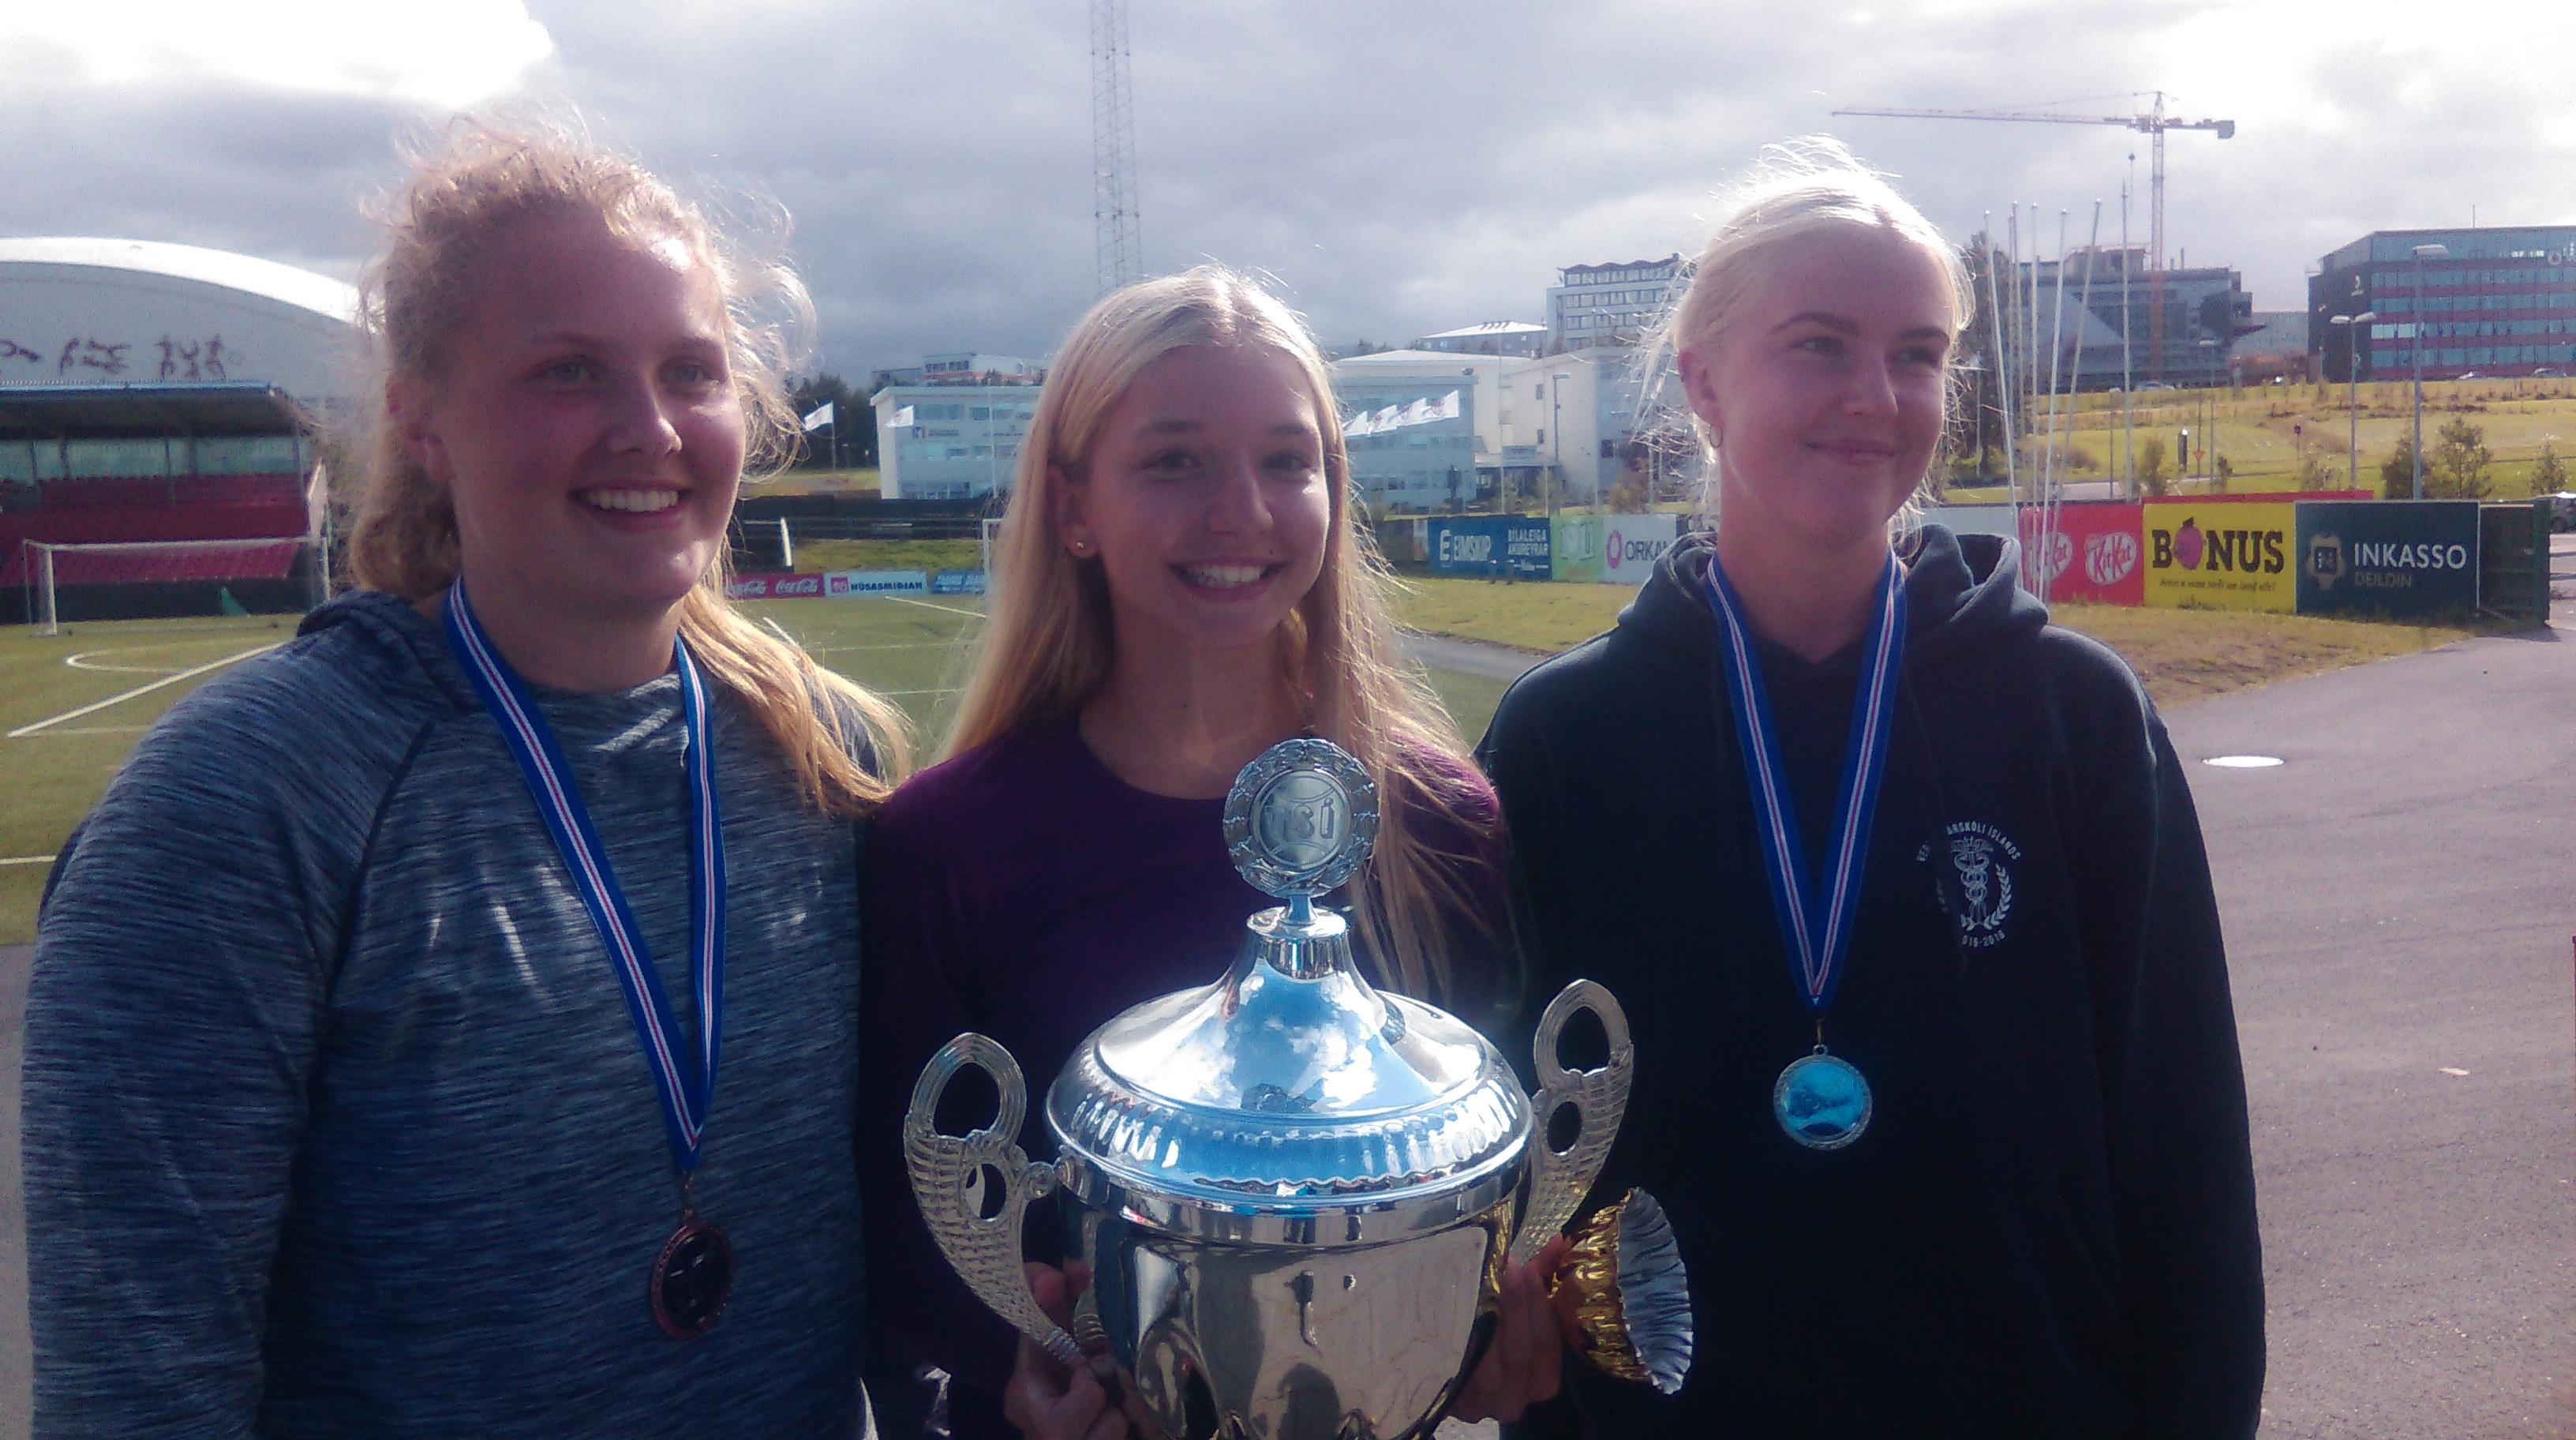 Sofia Sóley og Rafn Kumar Íslandsmeistarar í tennis 2017!